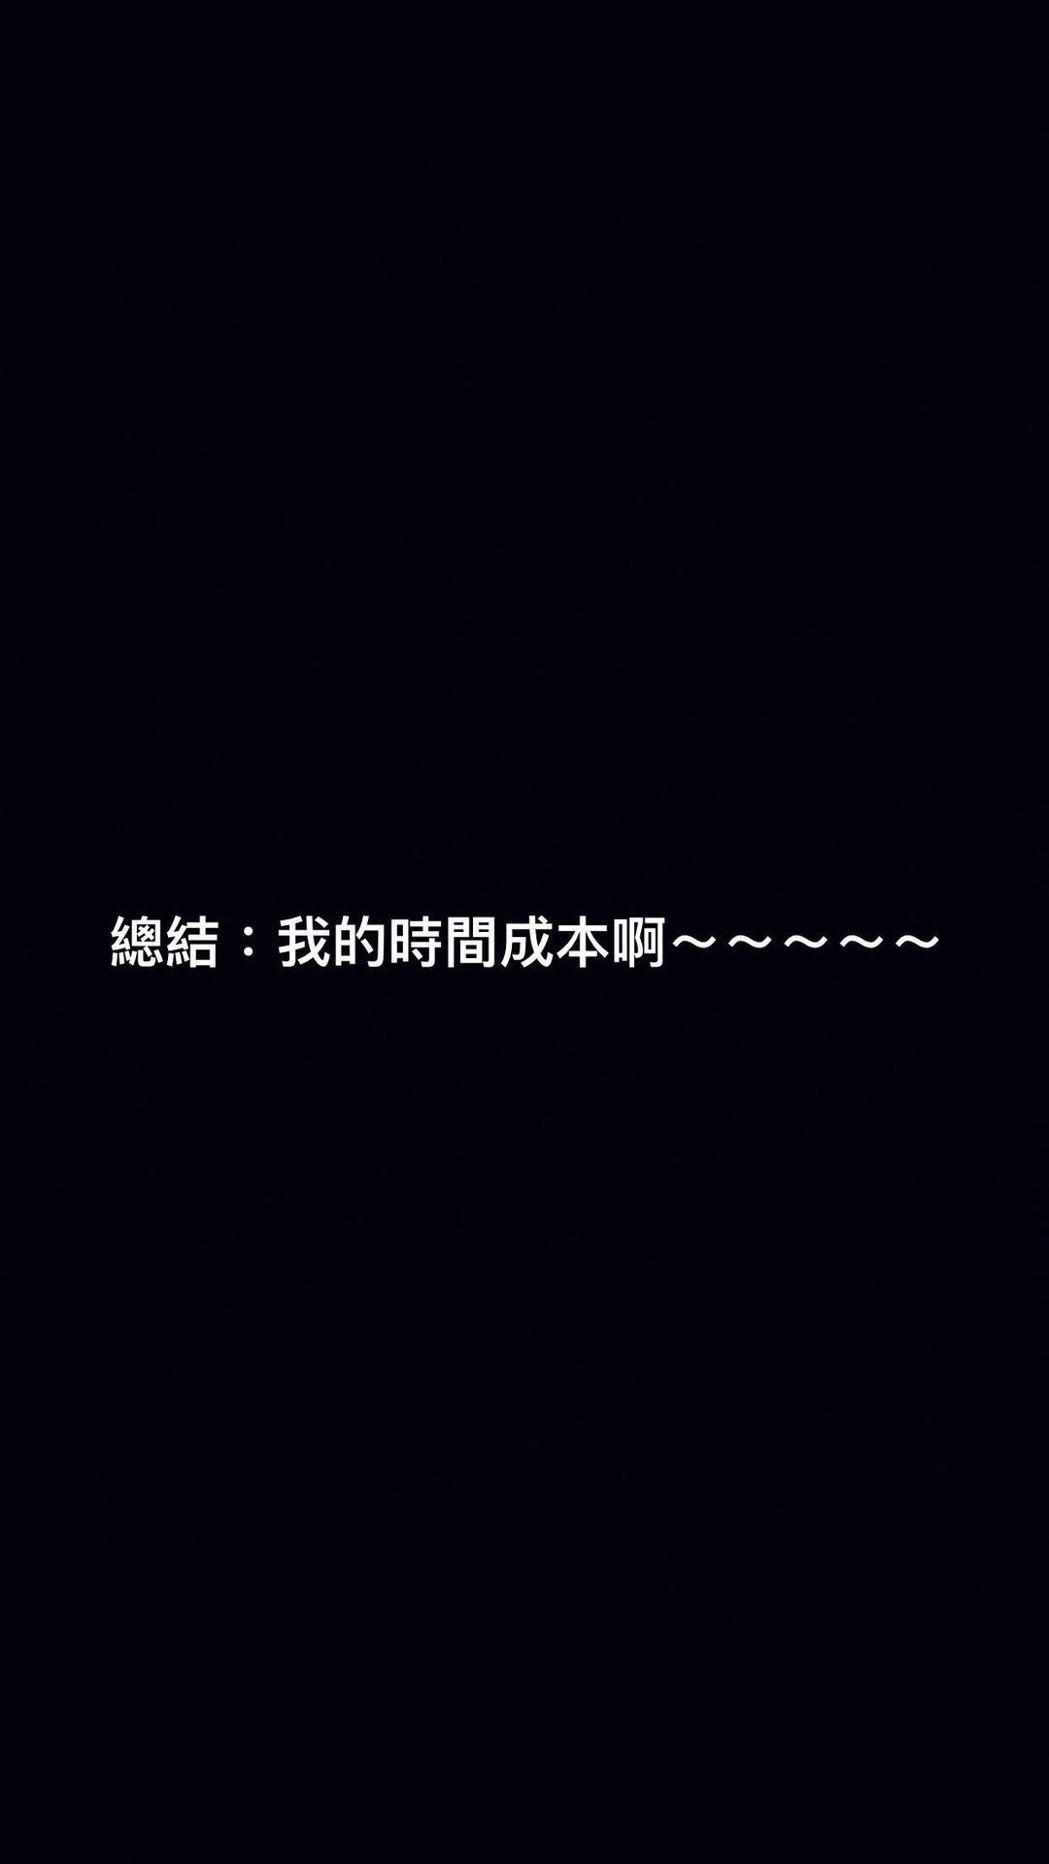 鍾明軒發文發文吐槽書店店員不專業。 圖/擷自鍾明軒IG